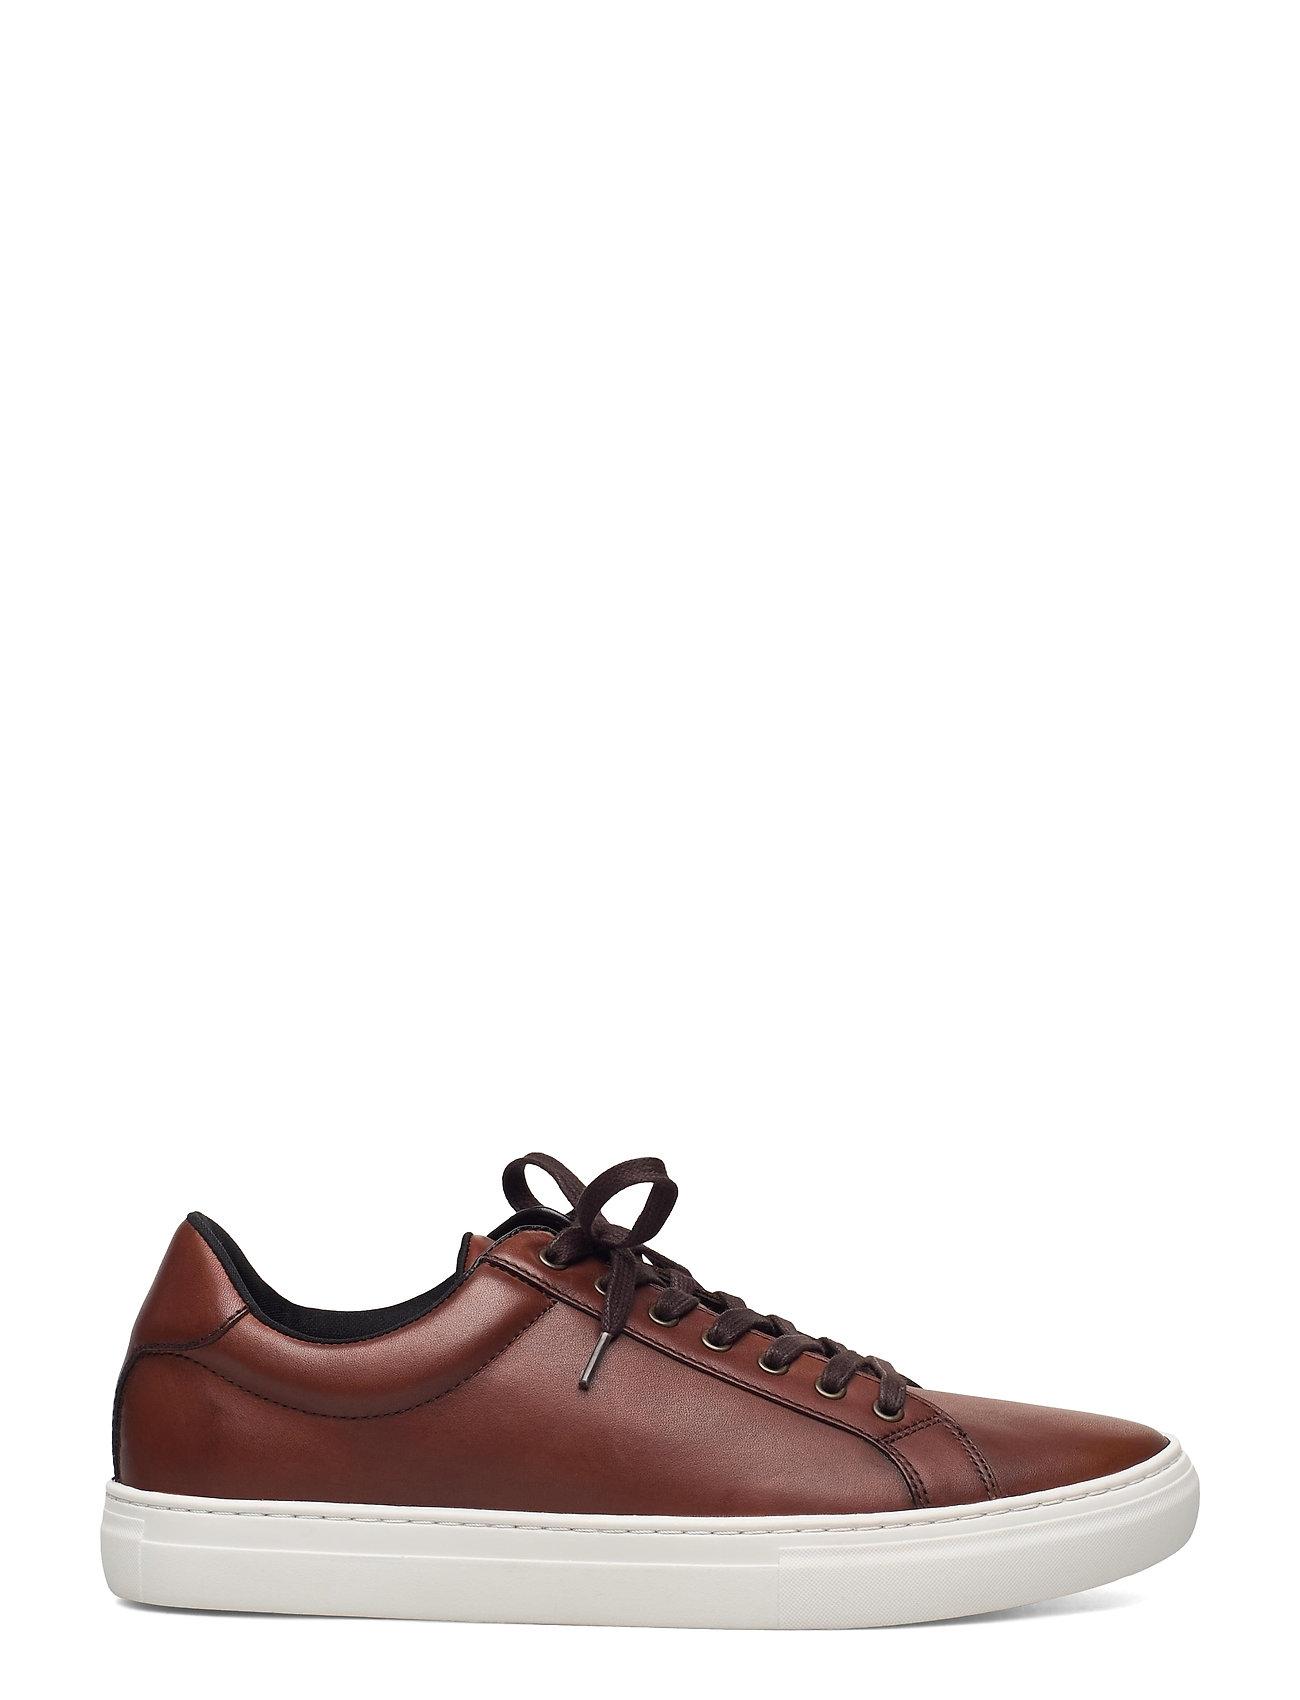 Image of Paul Low-top Sneakers Brun VAGABOND (3486989887)